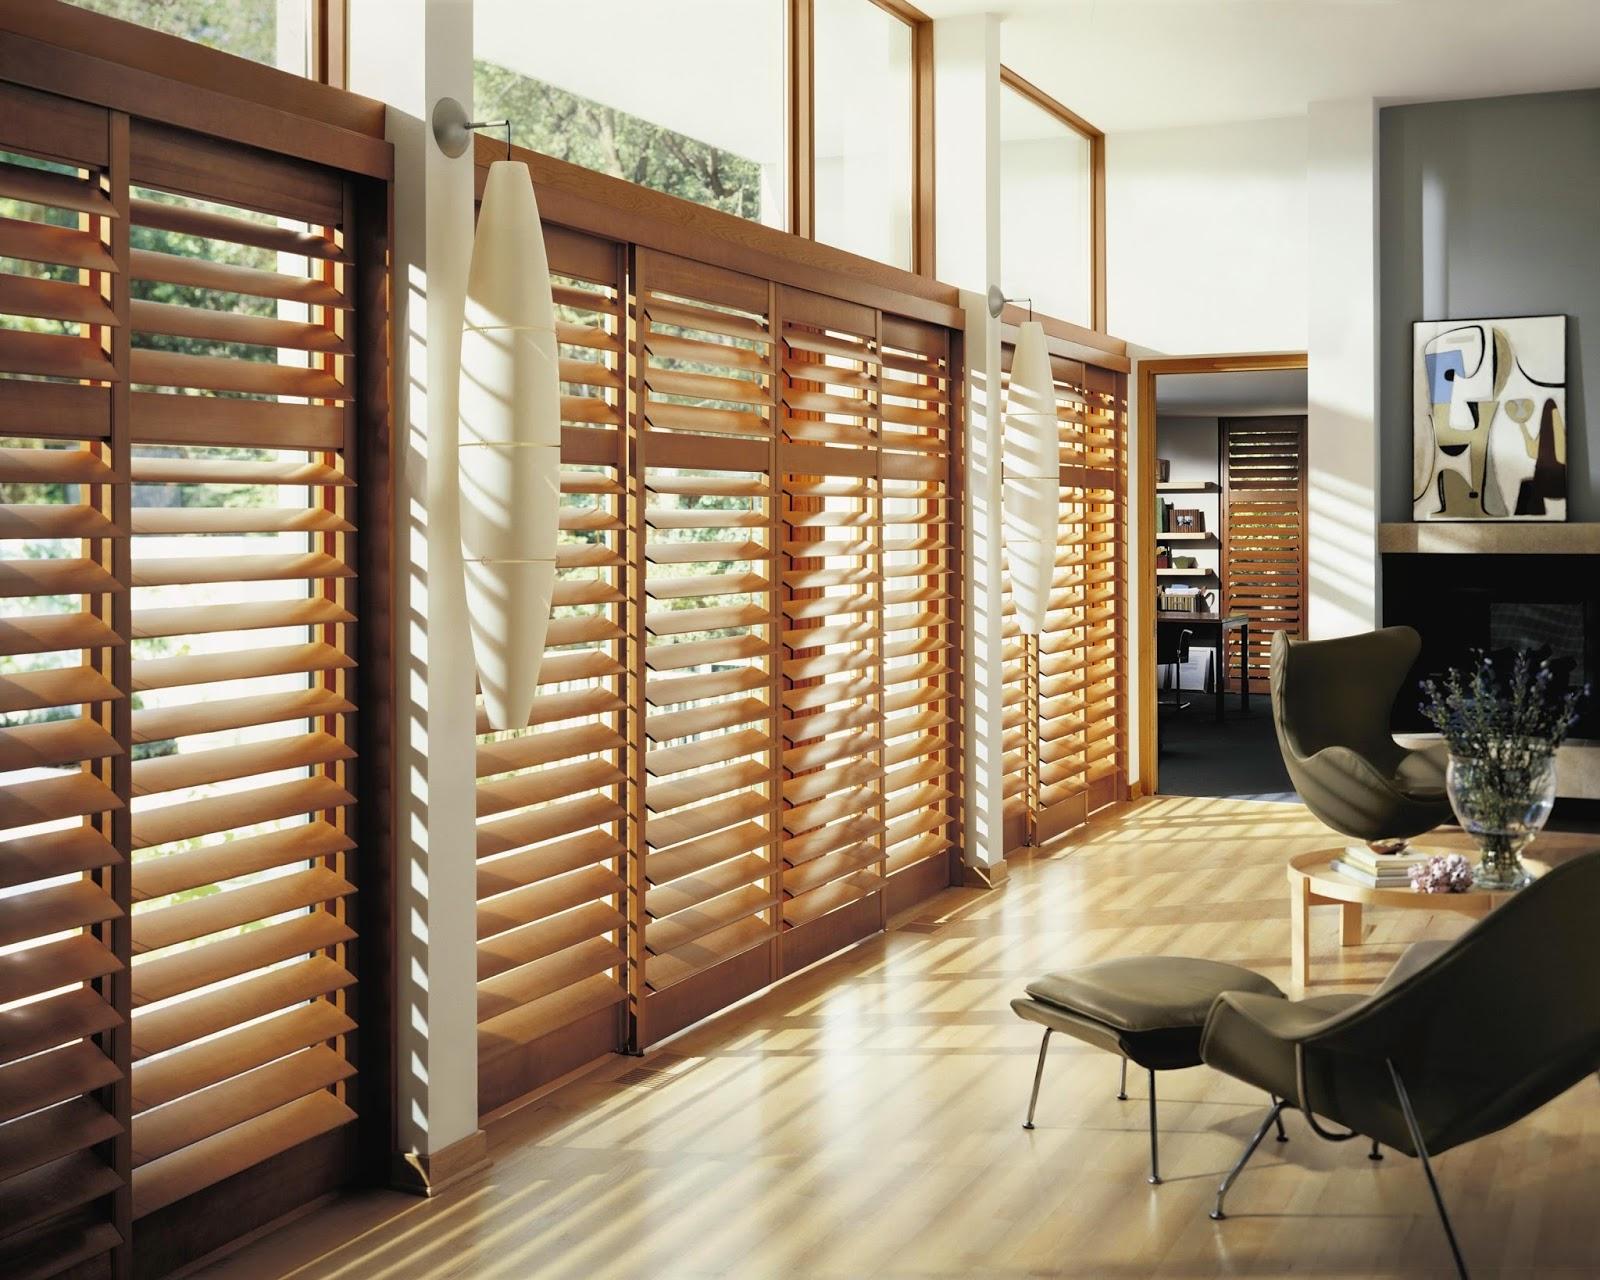 Limpiar las persianas de madera sin estropearlas 0